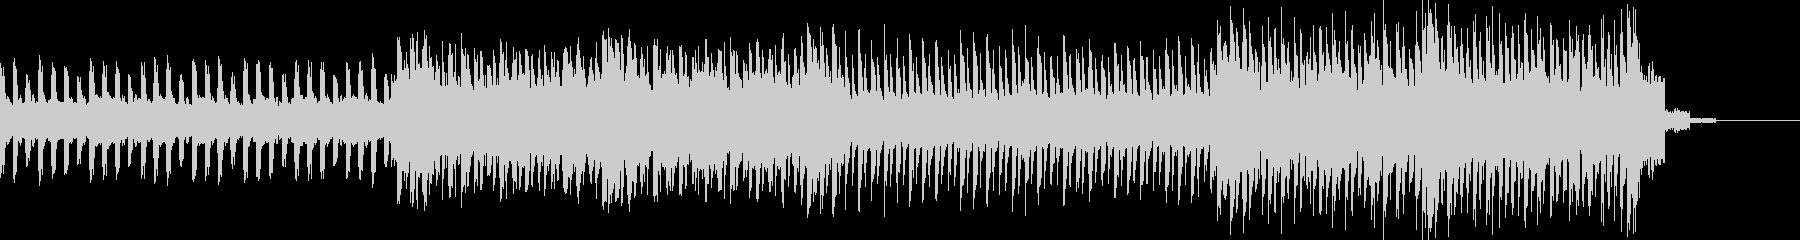 幻想的テクノシンキングタイム 60秒の未再生の波形